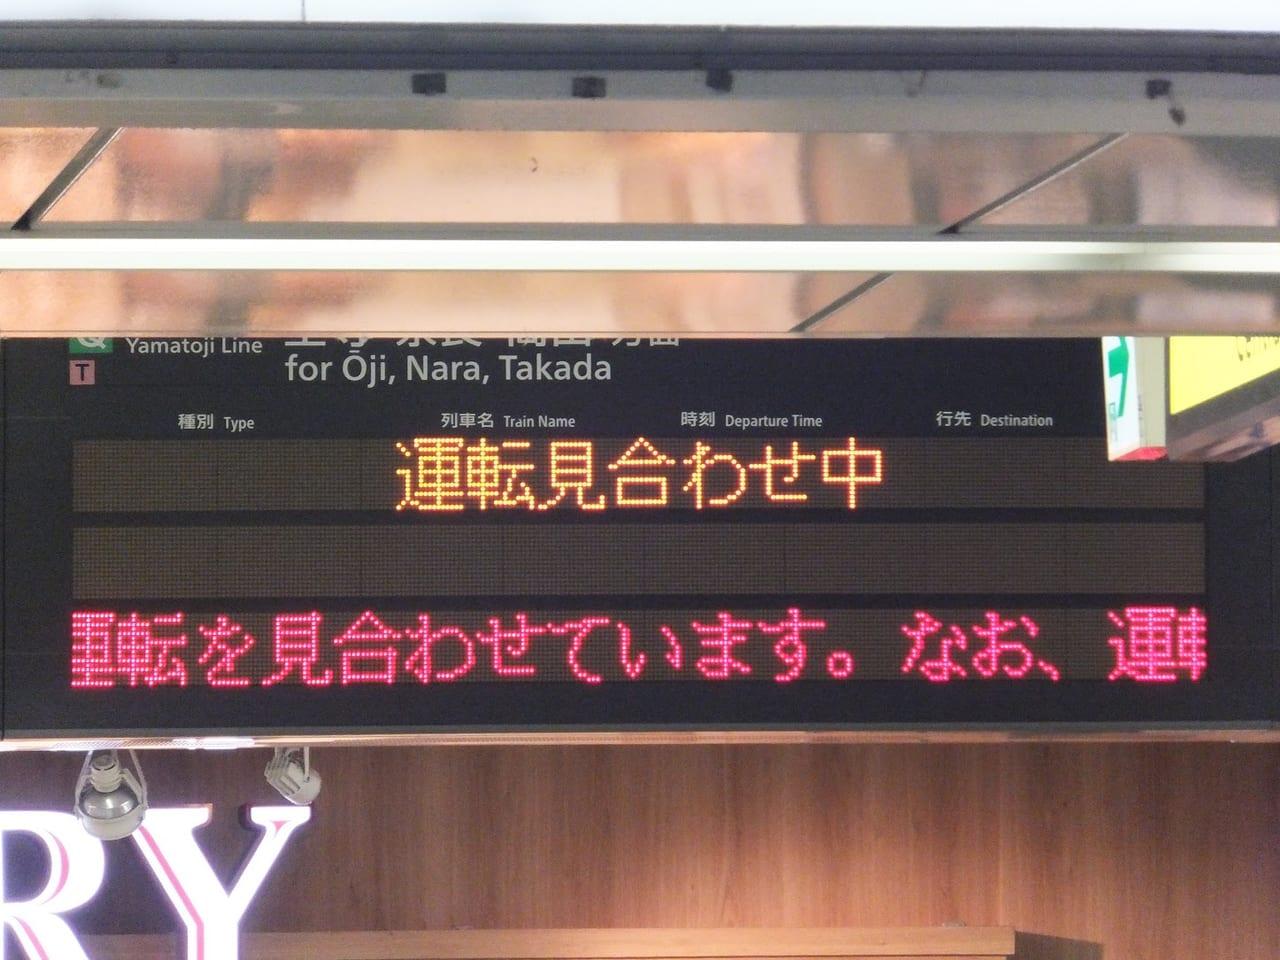 大阪市天王寺区・阿倍野区】大雨によるJRの運転見合わせなどにご注意を ...